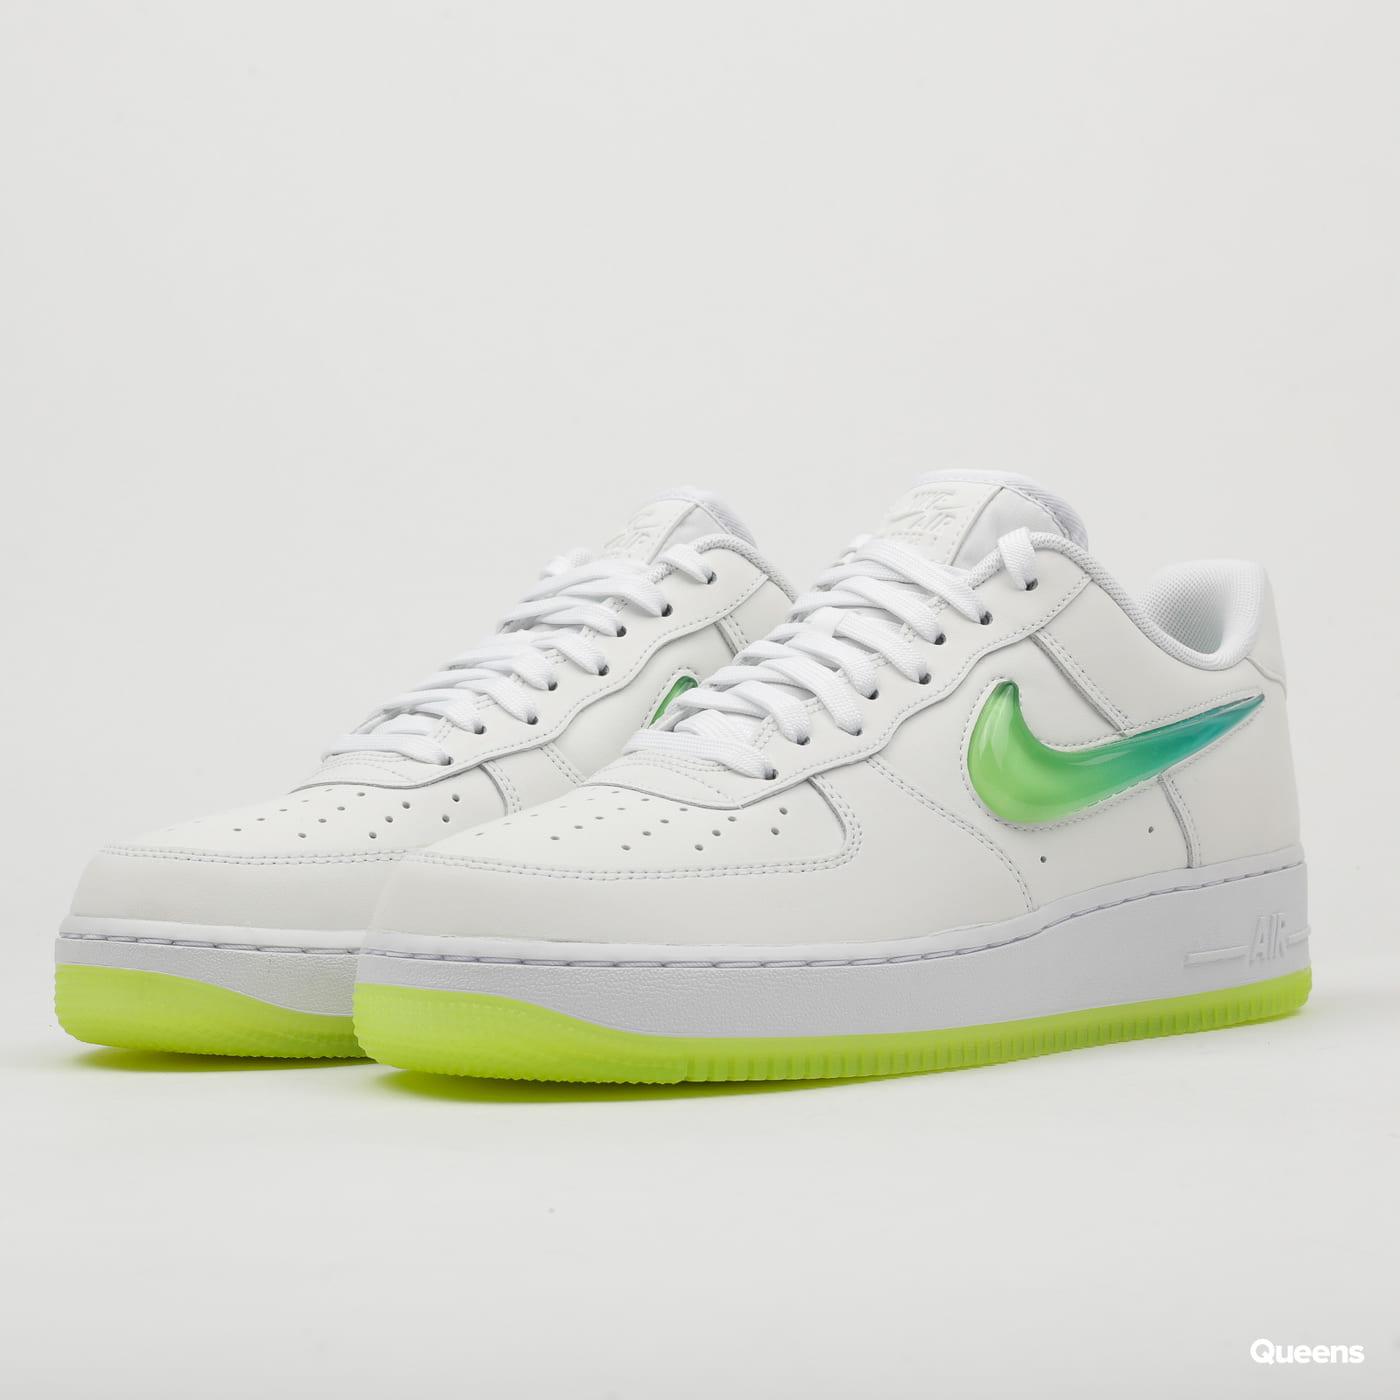 Pánské boty Nike – Queens 💚 d0e7e88043